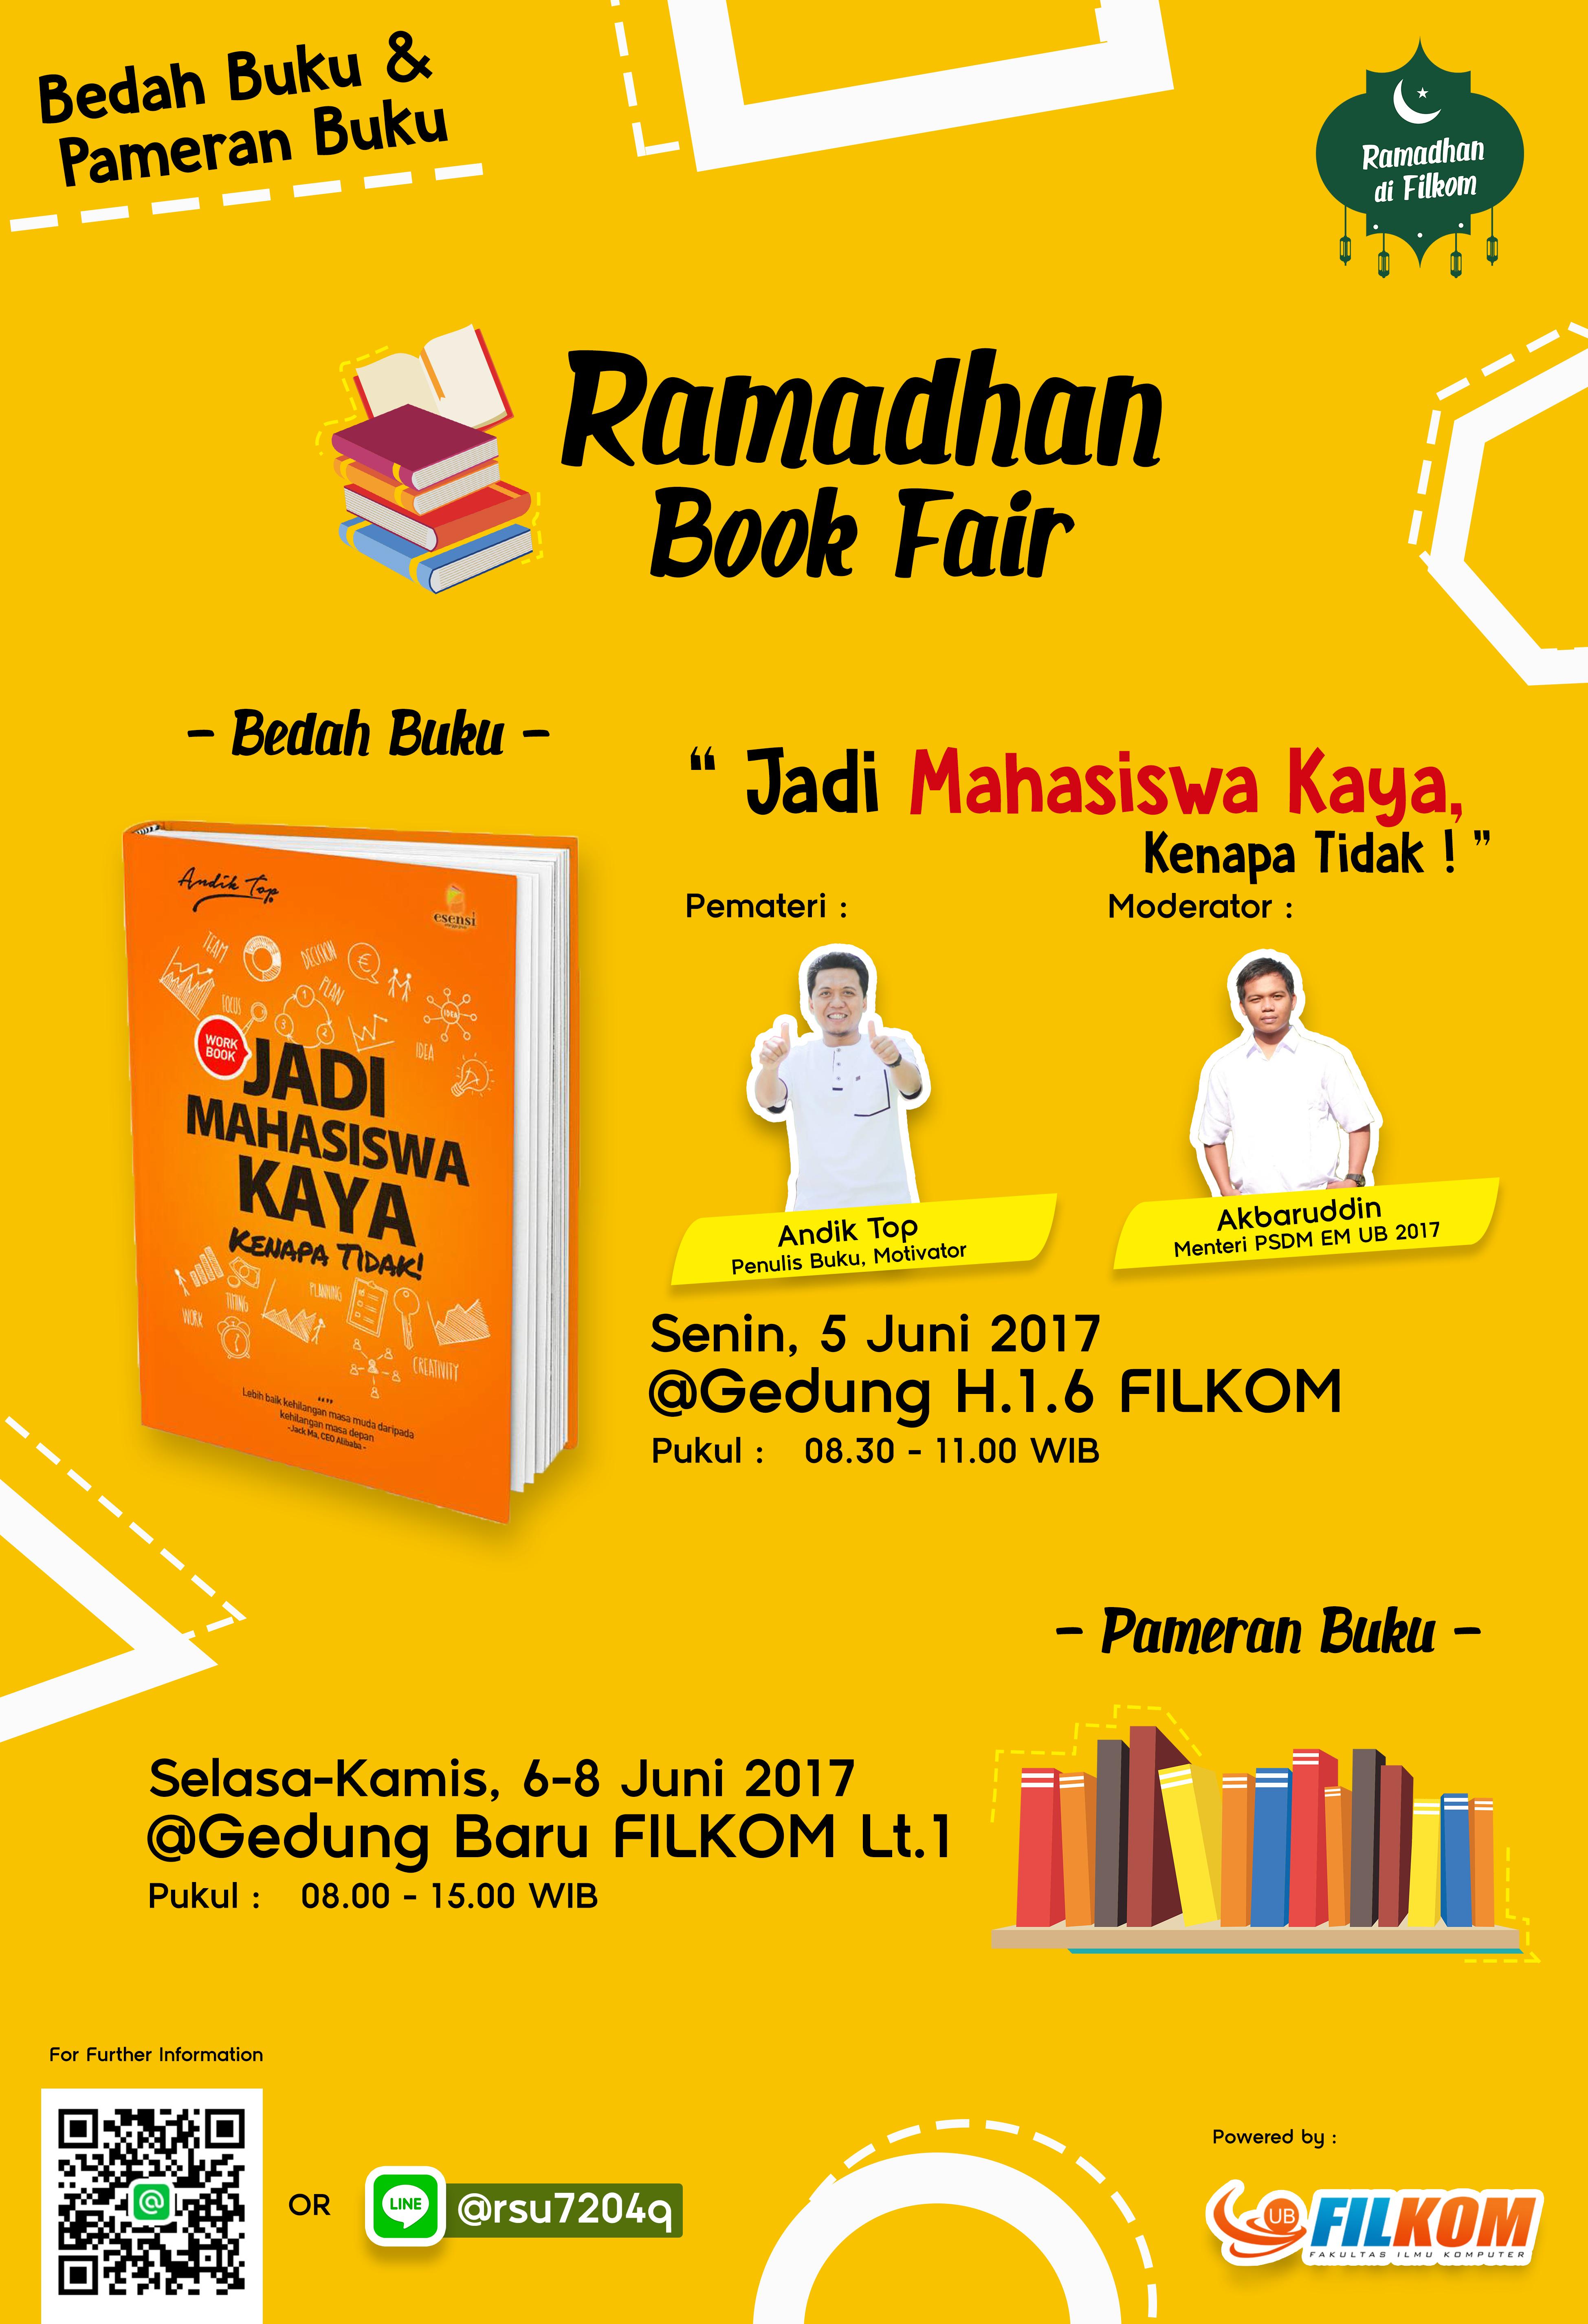 05_Poster_Bedah_Buku_dan_Pameran_Buku